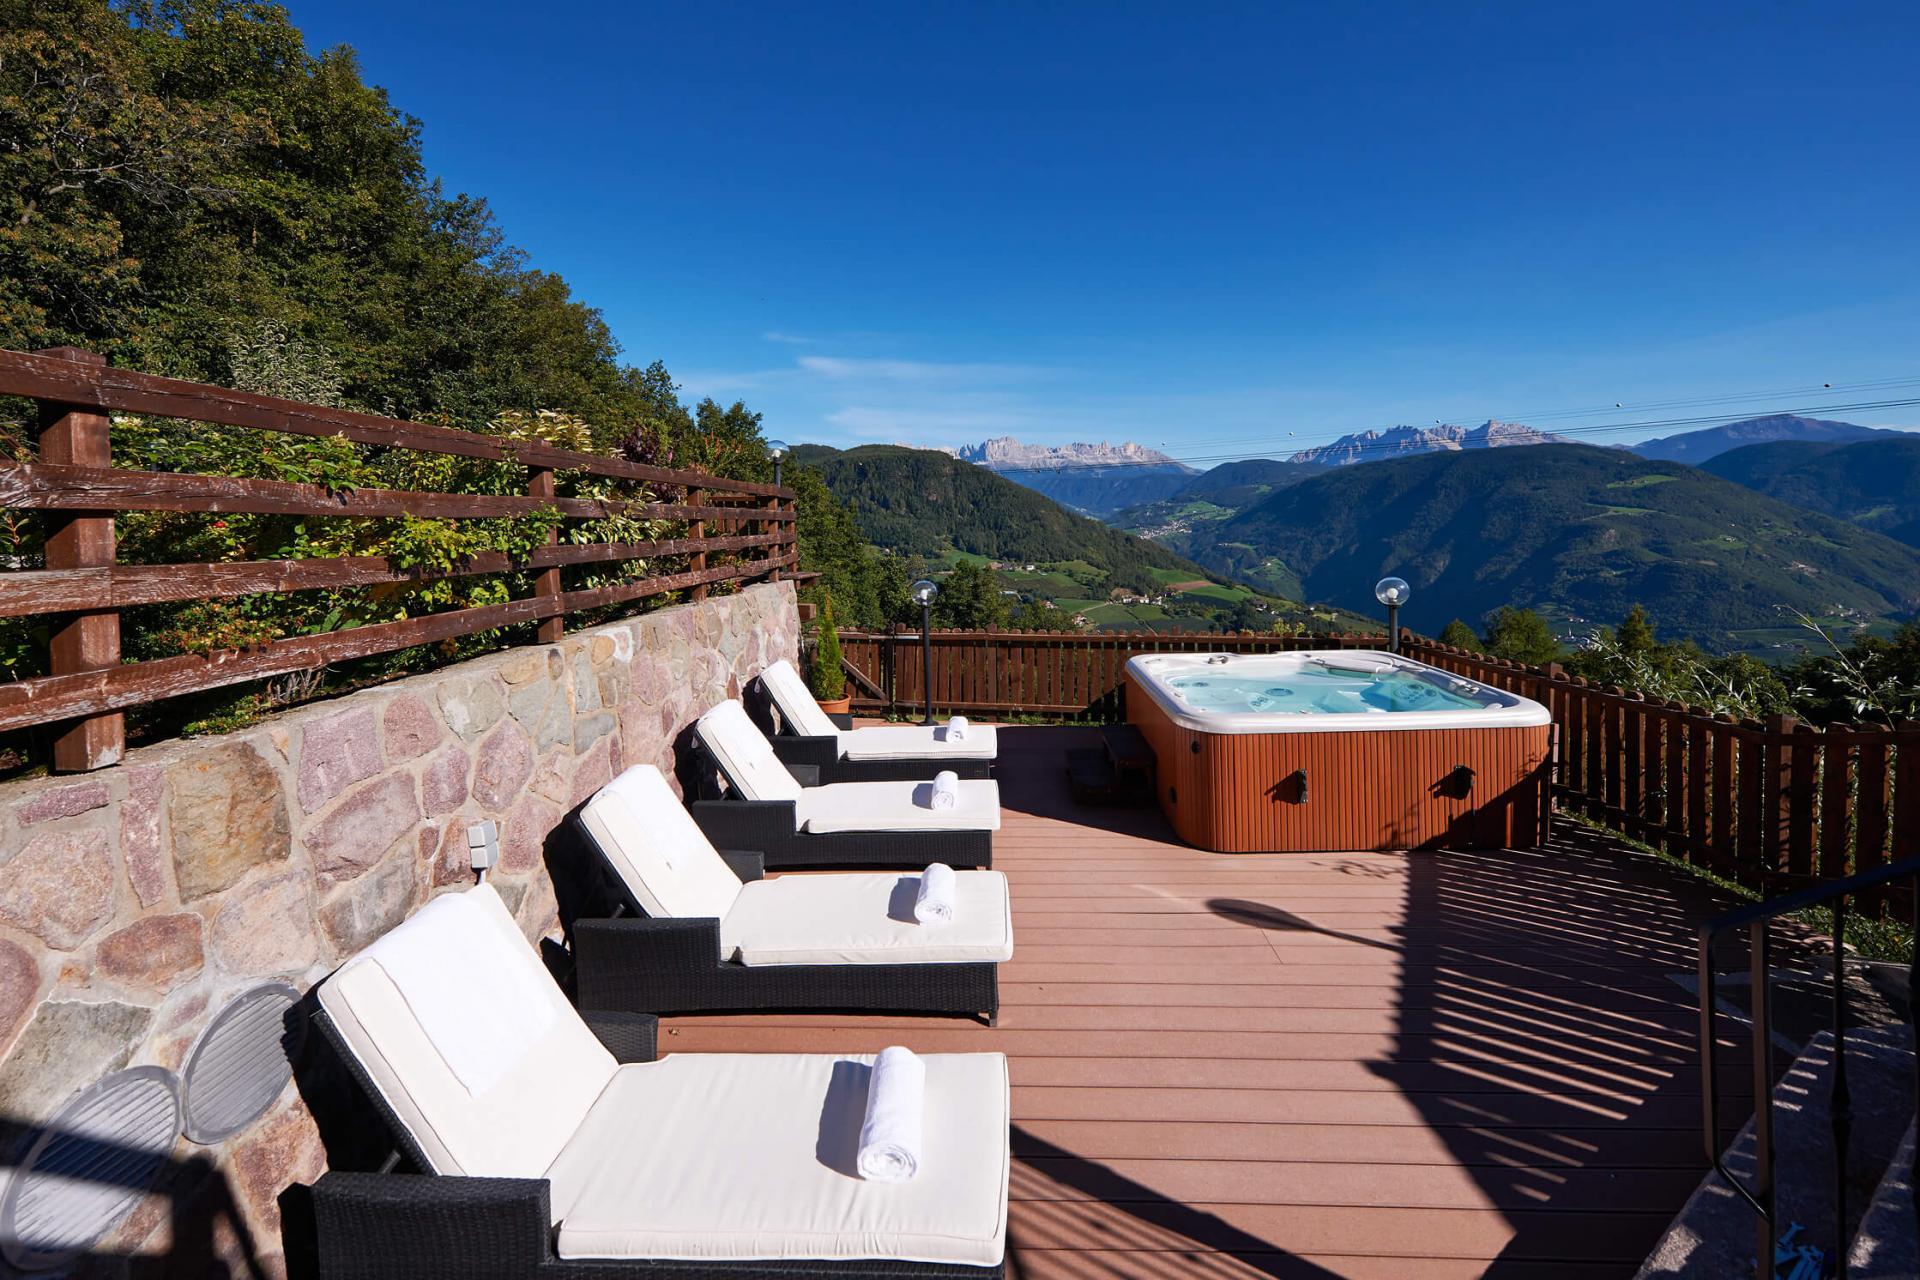 Eines der exklusivsten Chalets in Südtirol: Das Chalet Grumer